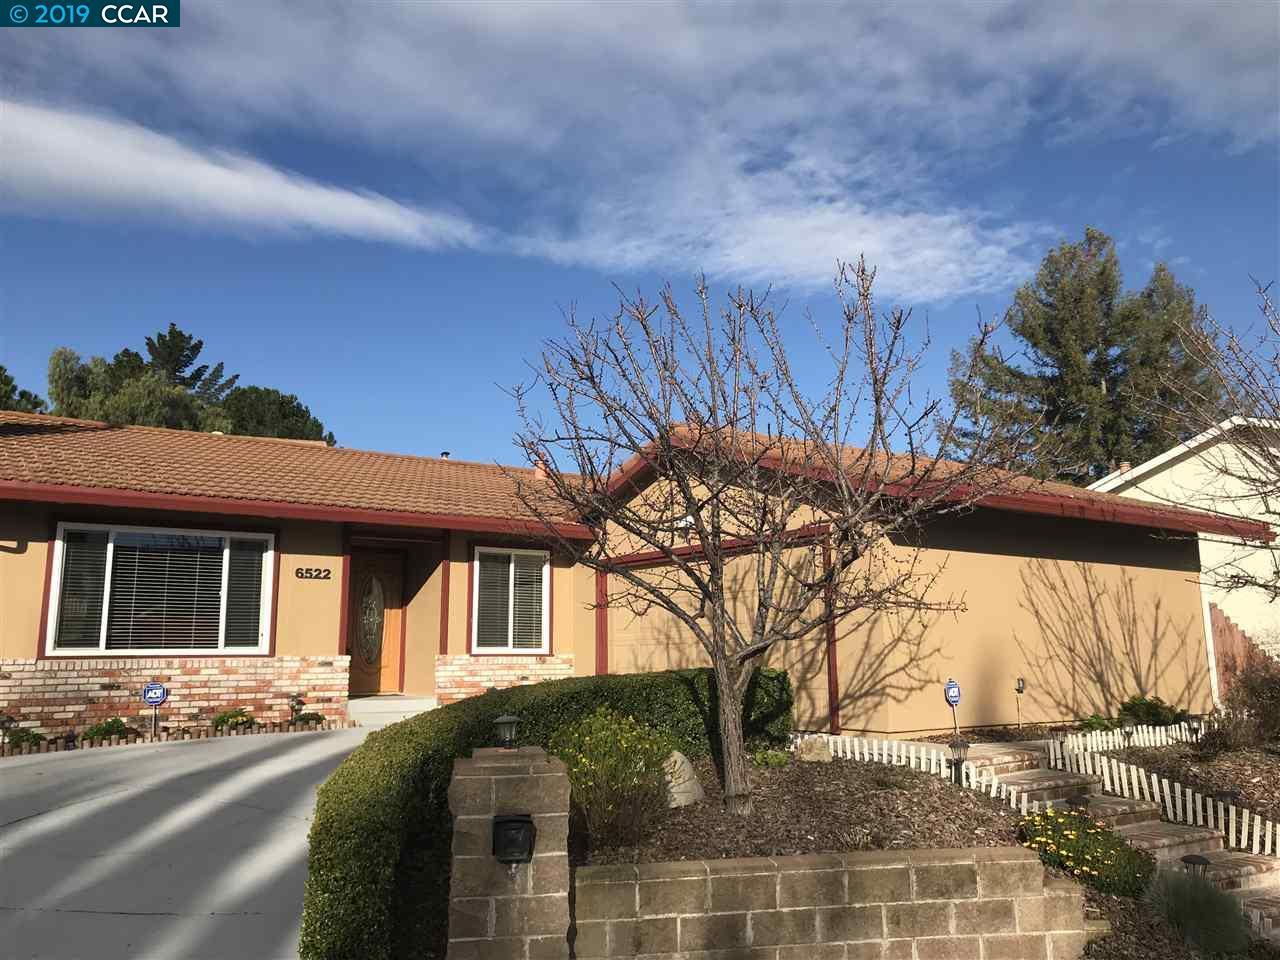 6522 WESTFIELD CT, MARTINEZ, CA 94553  Photo